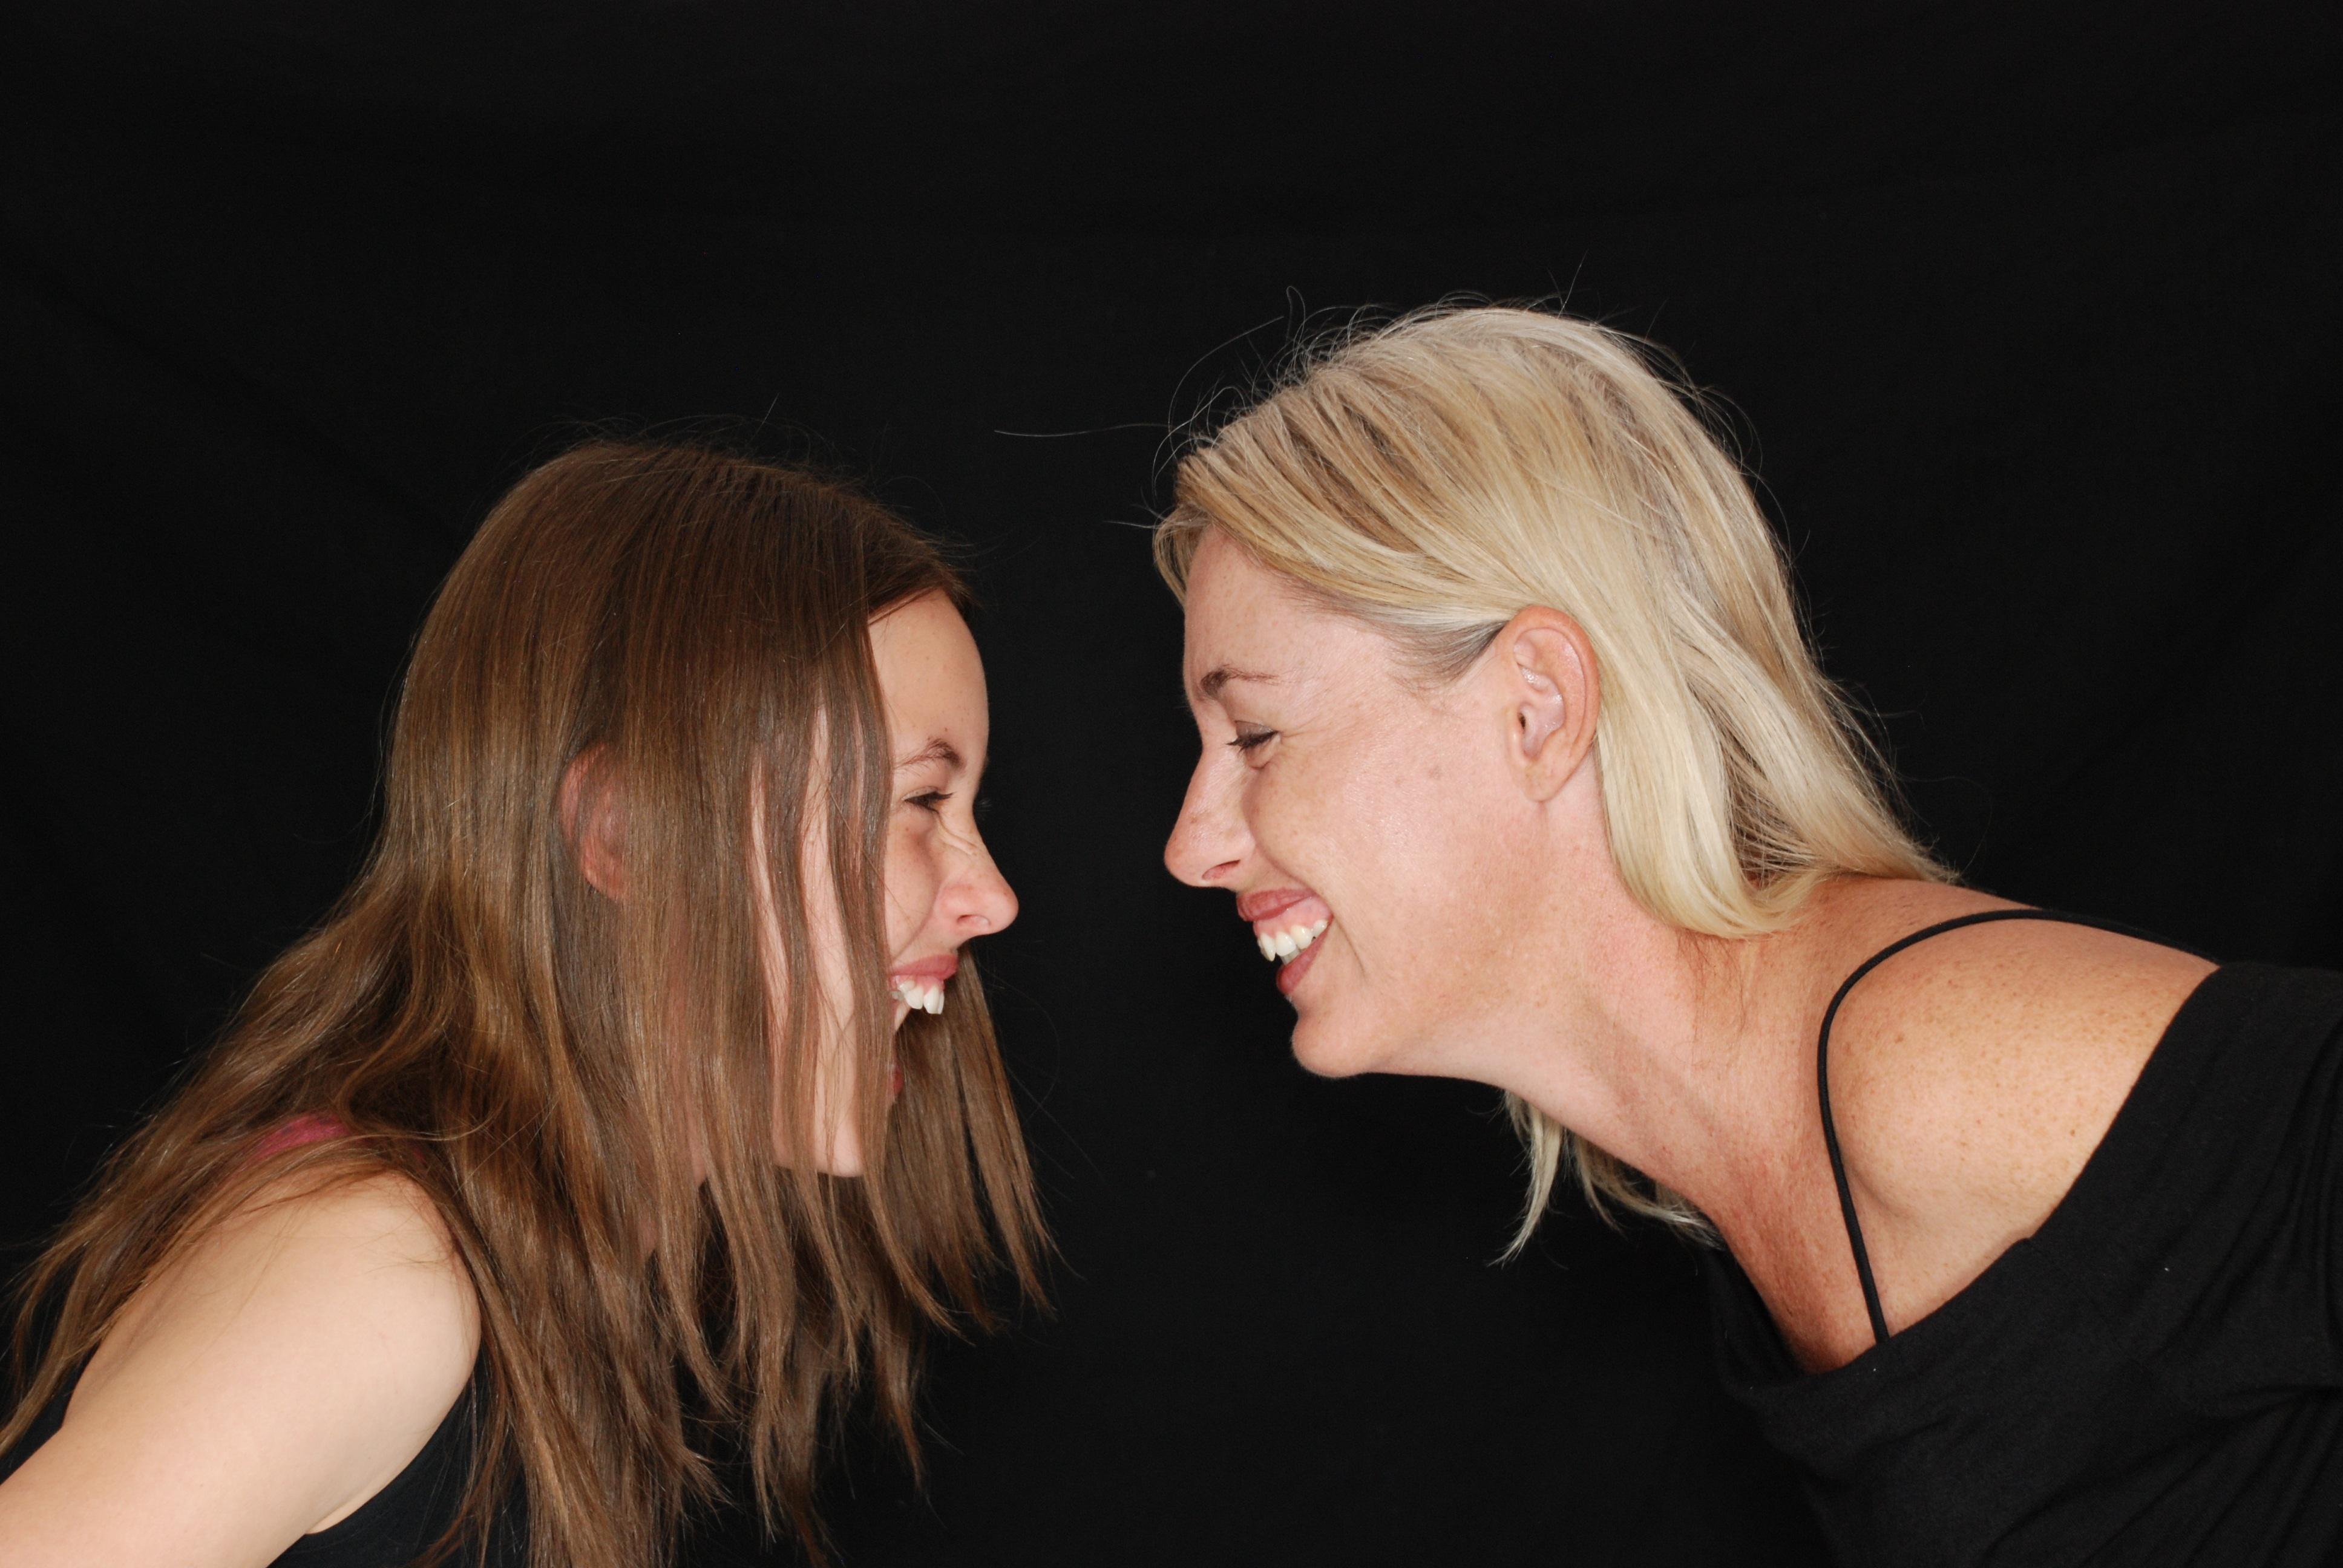 laughter-laugh-fun-mom.jpg (3872×2592)